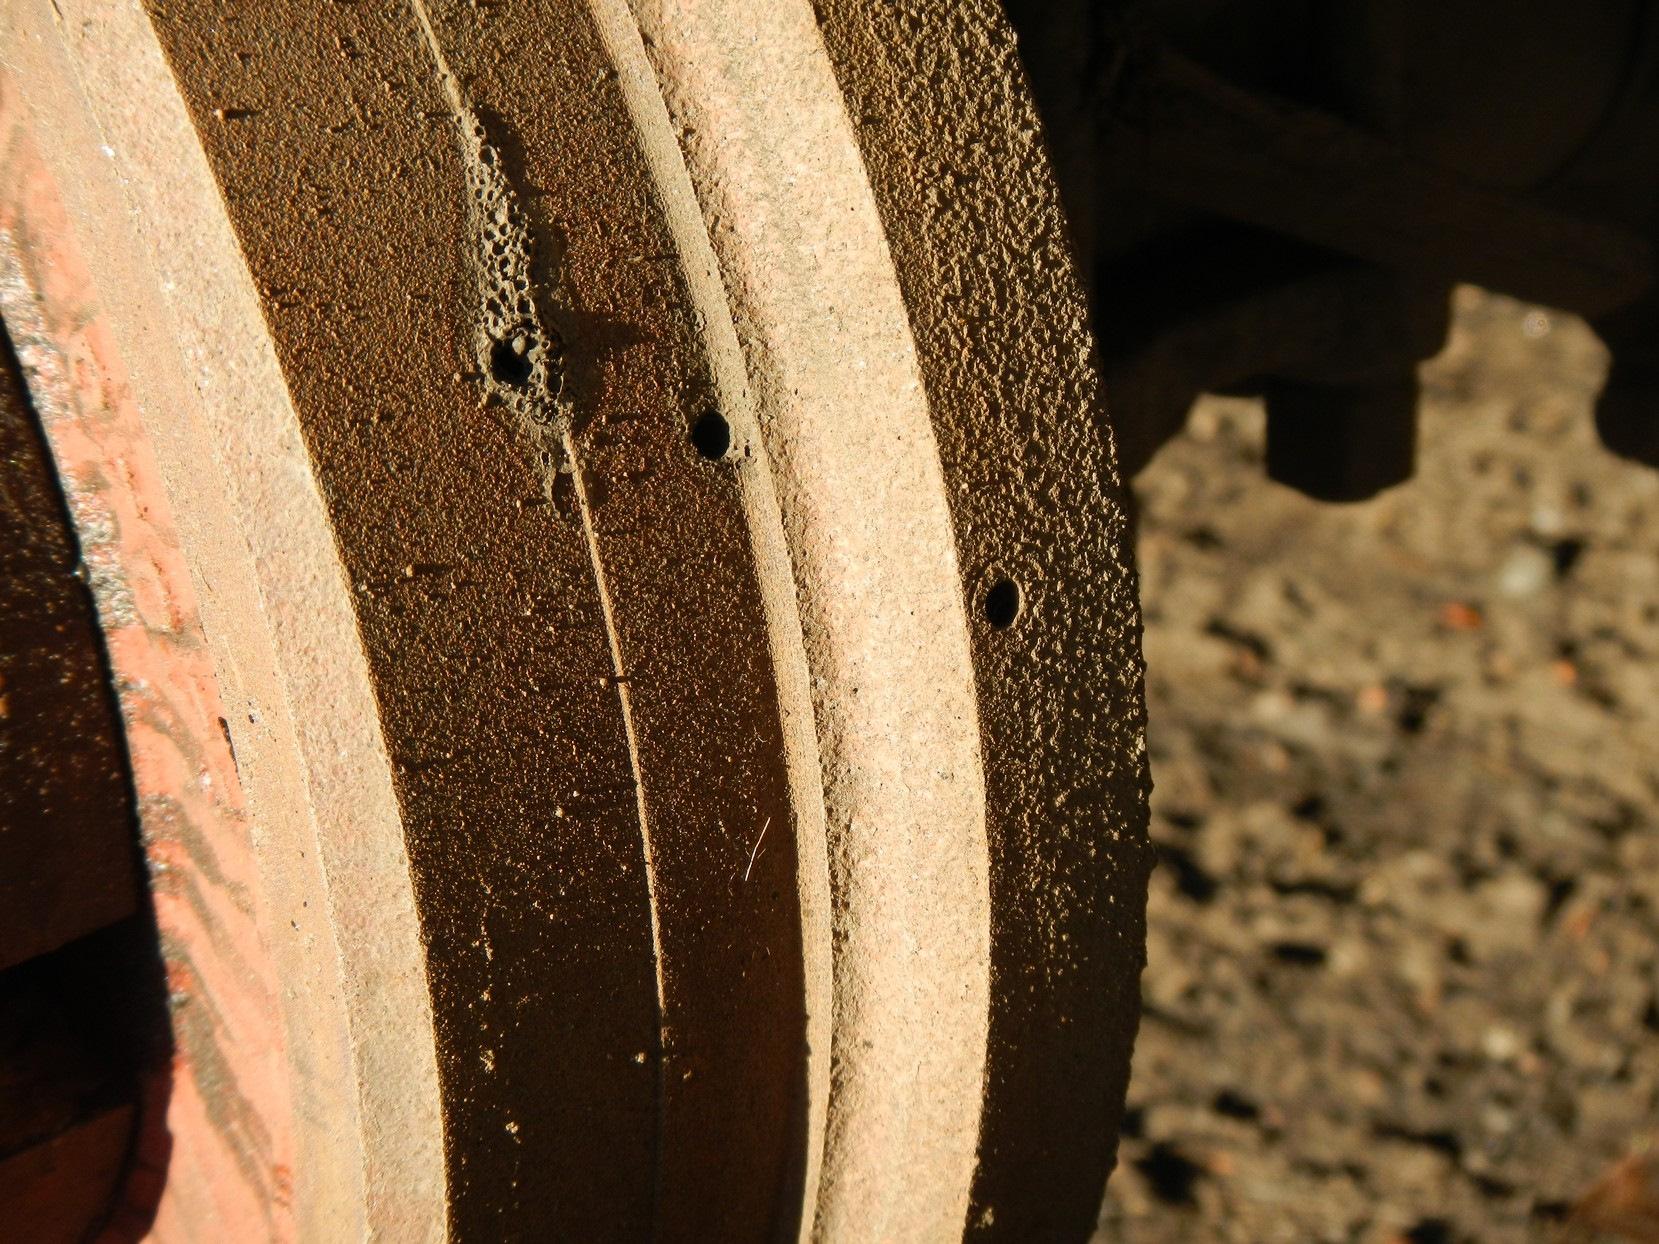 Контрольный осмотр дырявого барабана бортжурнал УАЗ нет  Полный размер